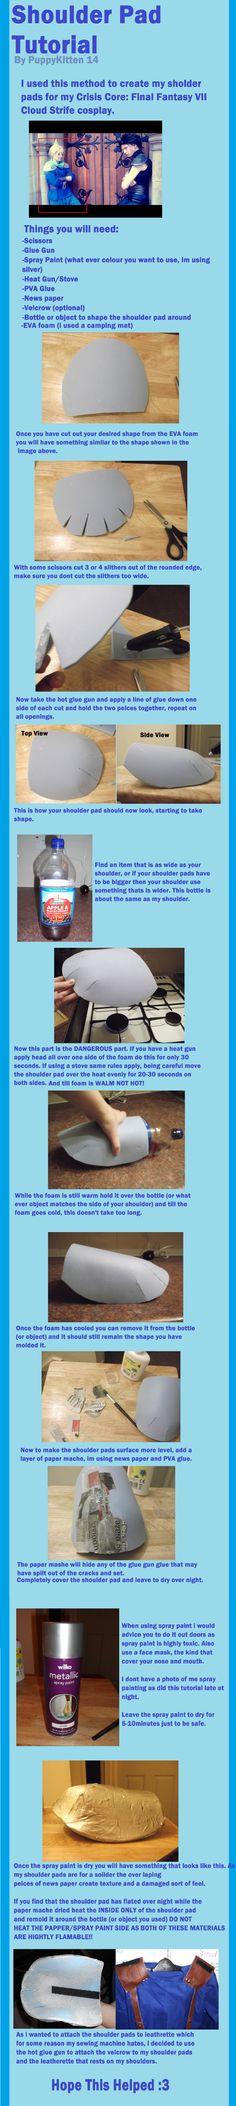 Shoulder Pad Tutorial by PuppyKitten14.deviantart.com on @deviantART